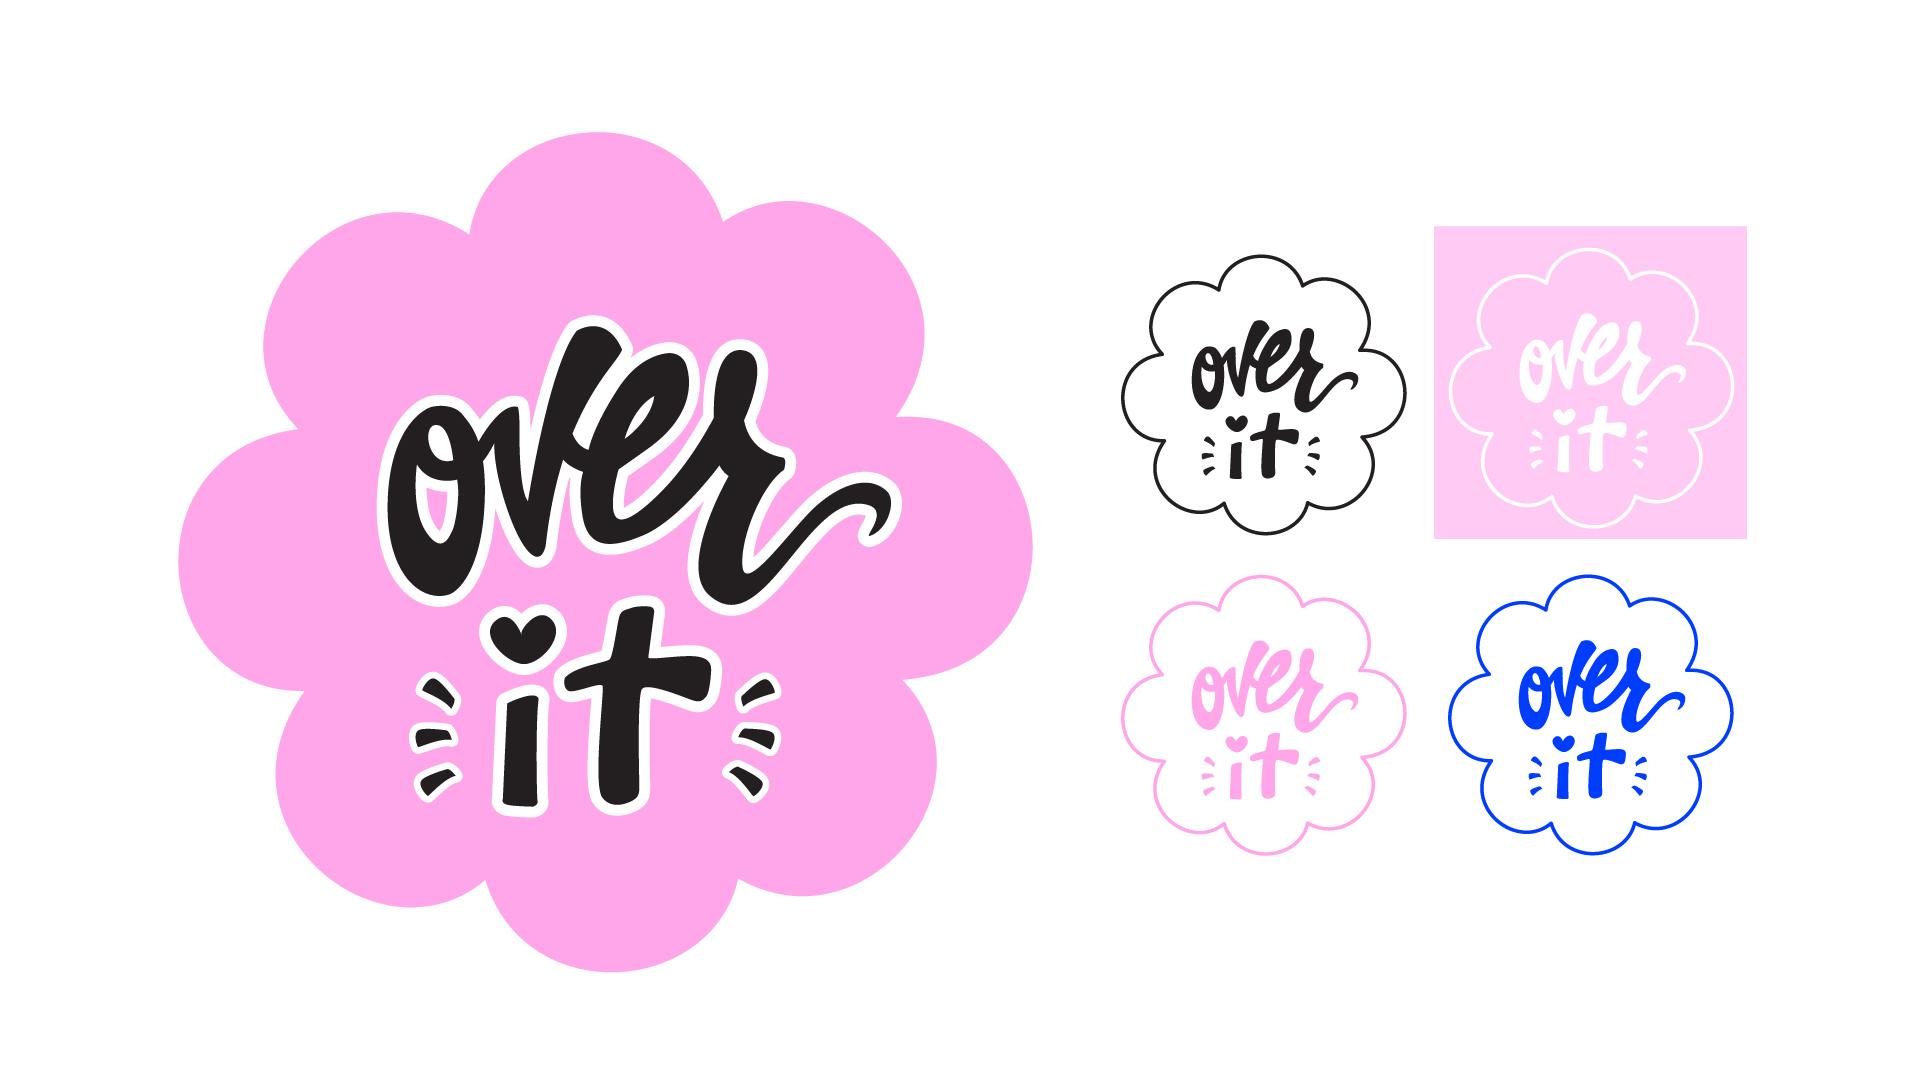 Over it website-02.jpg